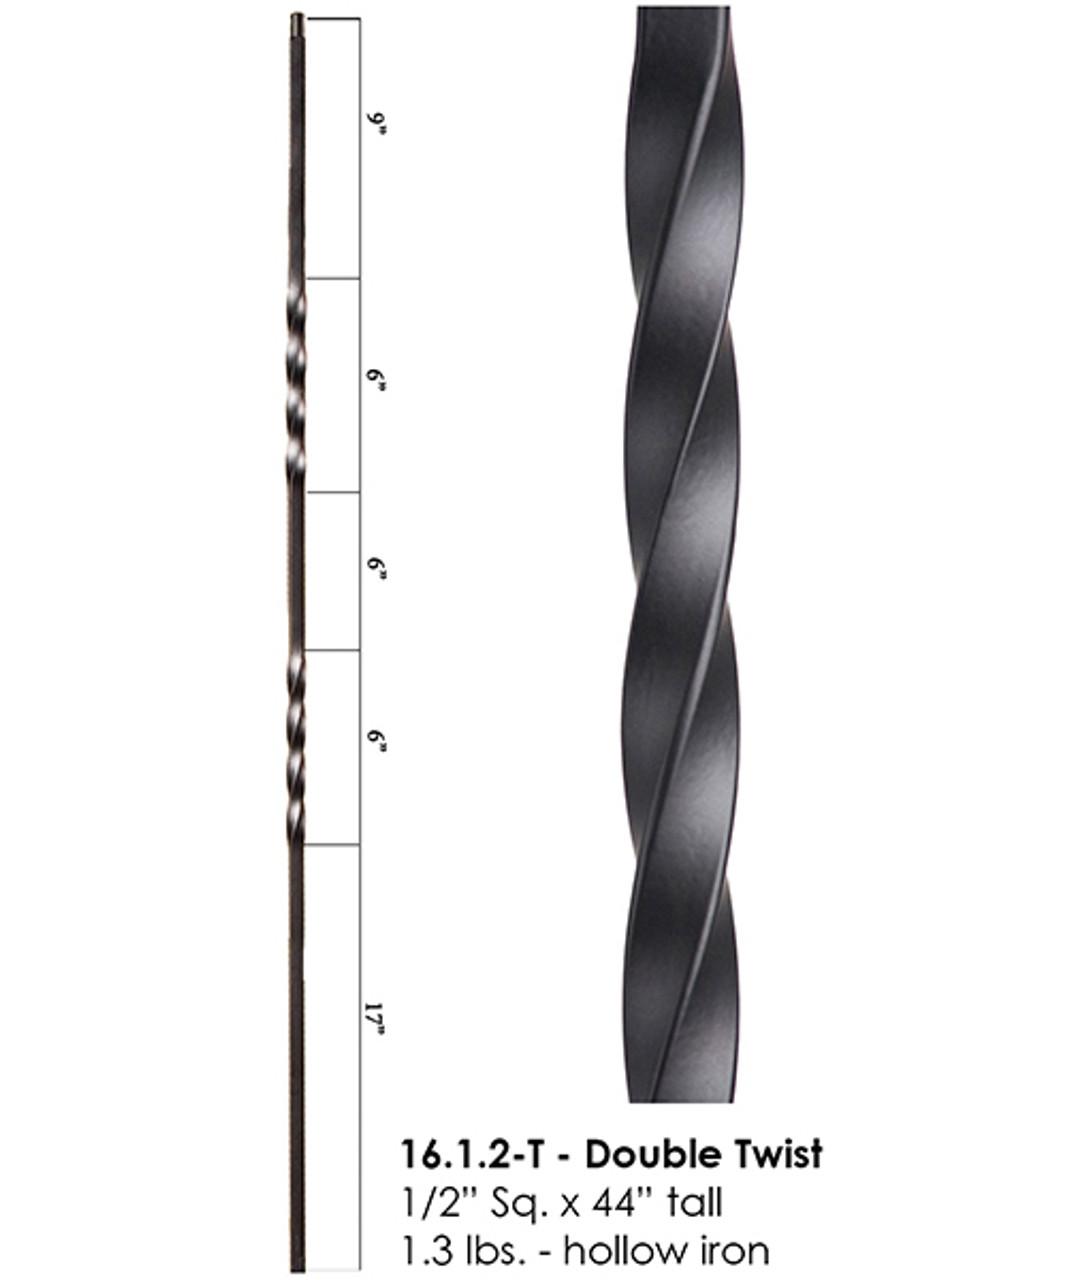 HF16.1.2-T Double Twist Tubular Steel Baluster